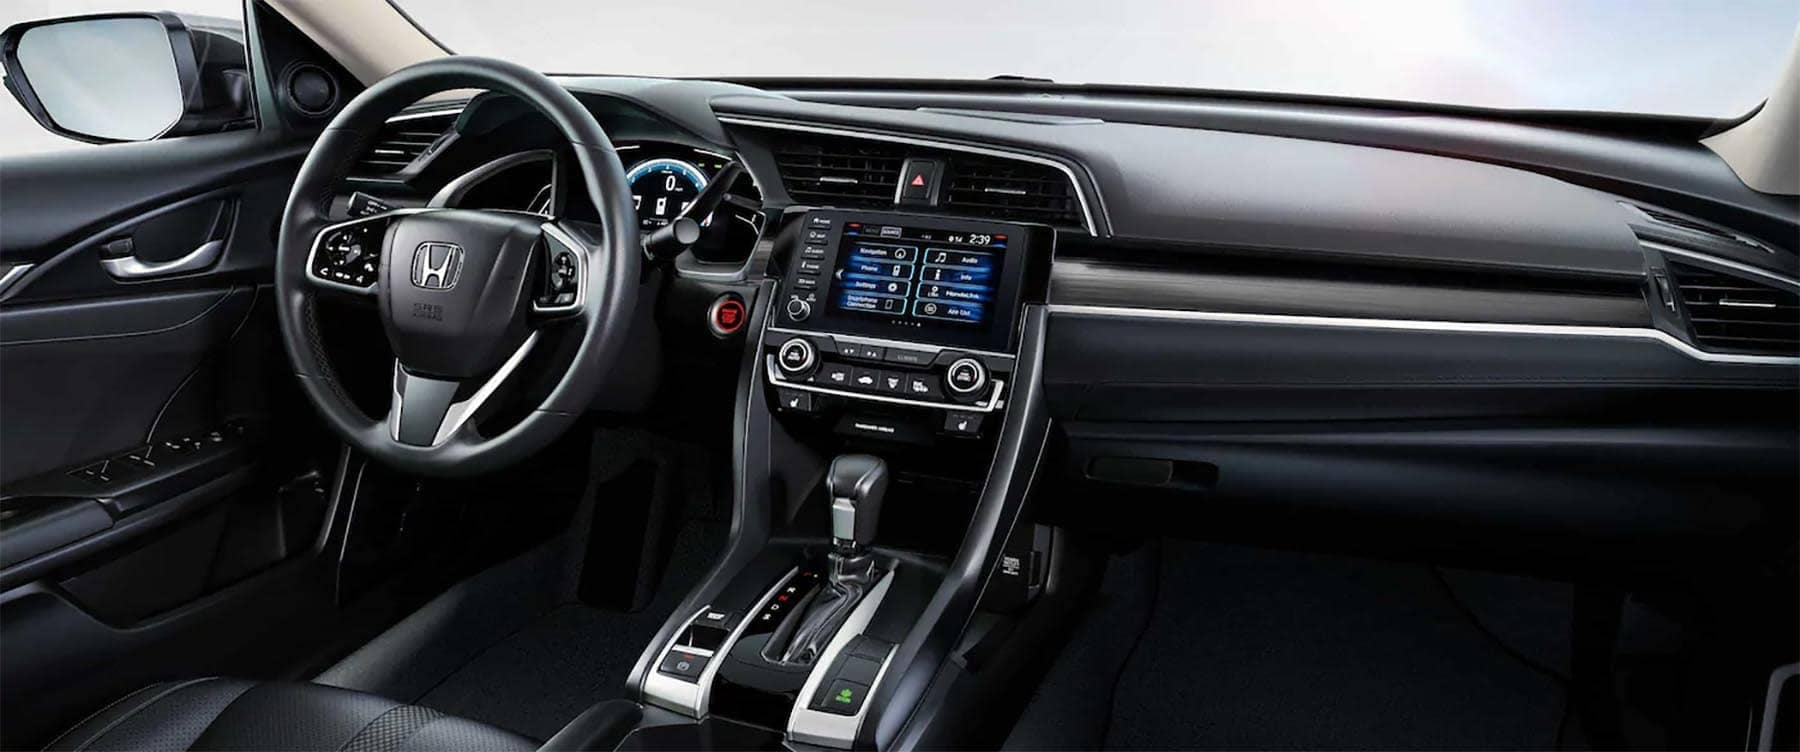 2019 Honda Civic Sedan Interior Front Seating and Dashboard